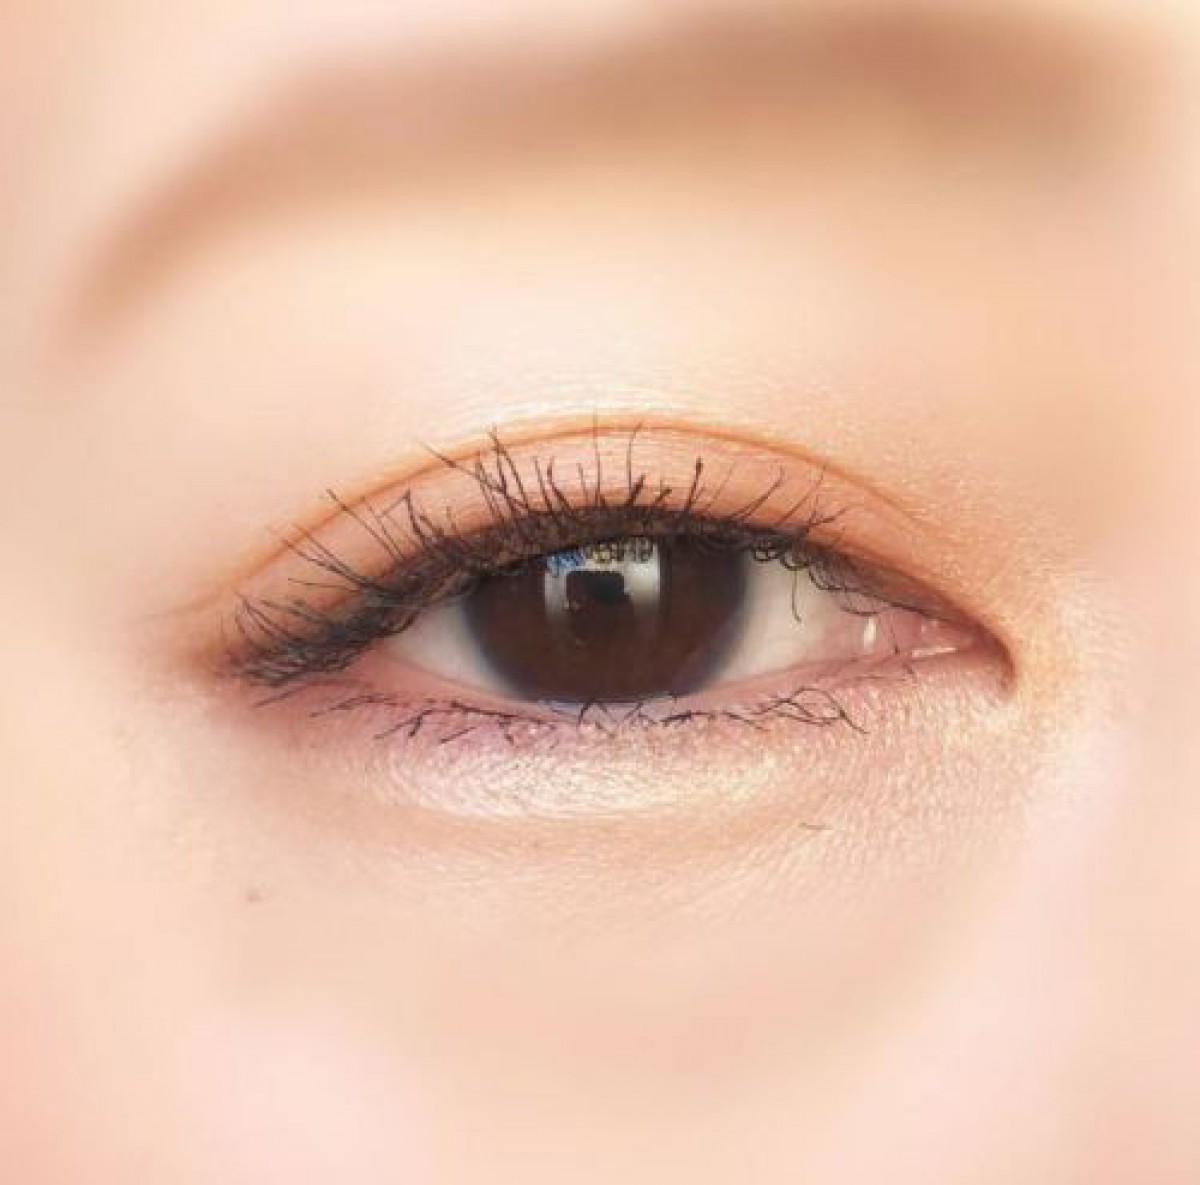 セザンヌ・アイシャドウの新作「オレンジカシス」でデカ目が叶う。整形級の立体感を